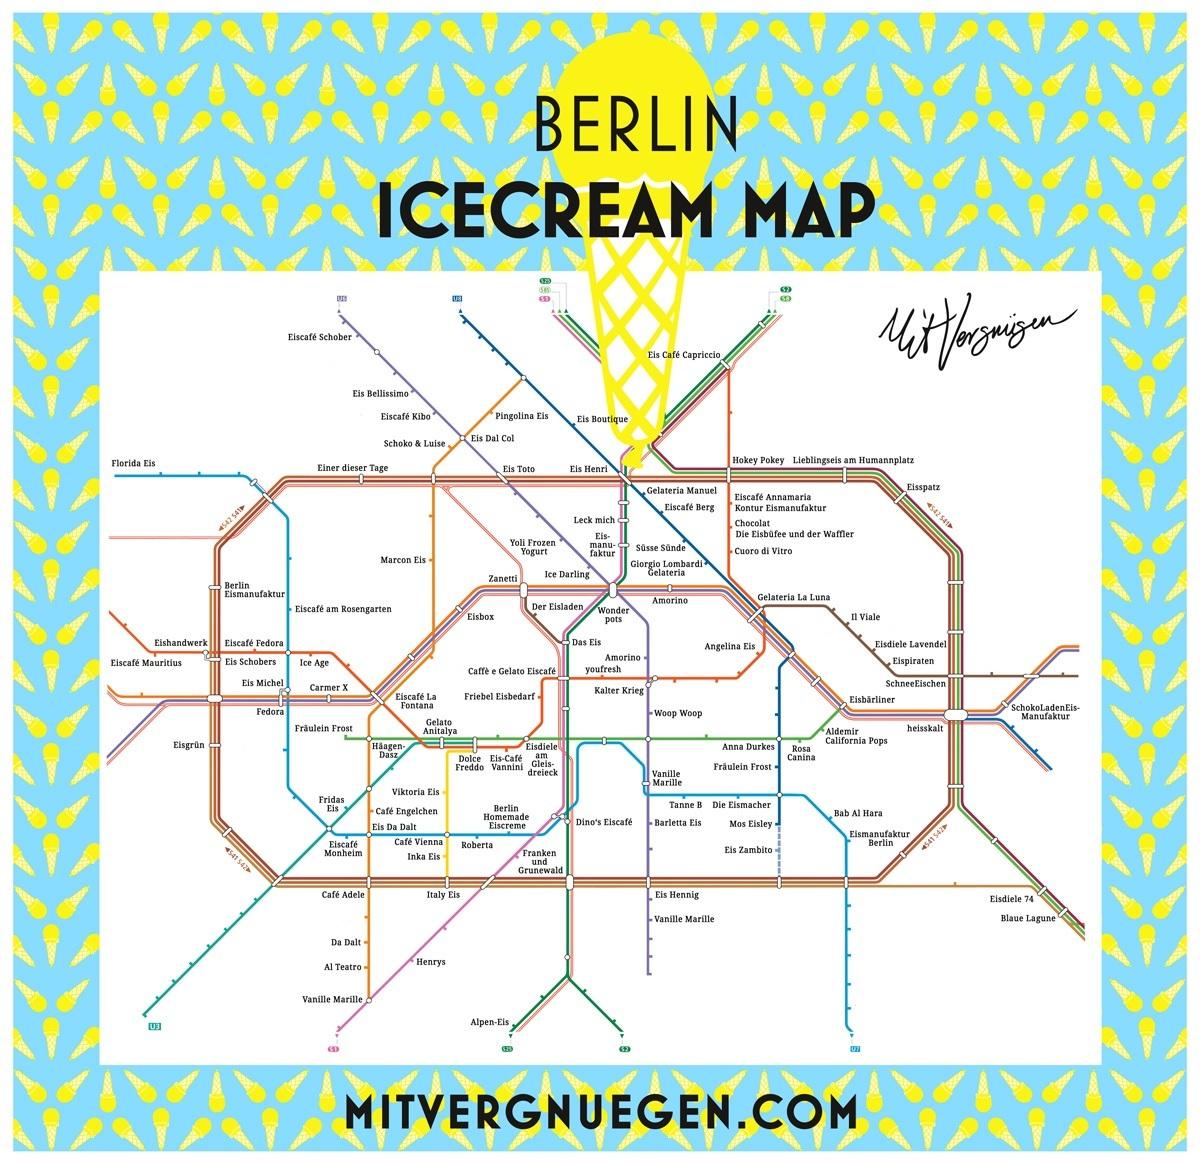 Bild_Berlin_Icecream_Map_Teaser